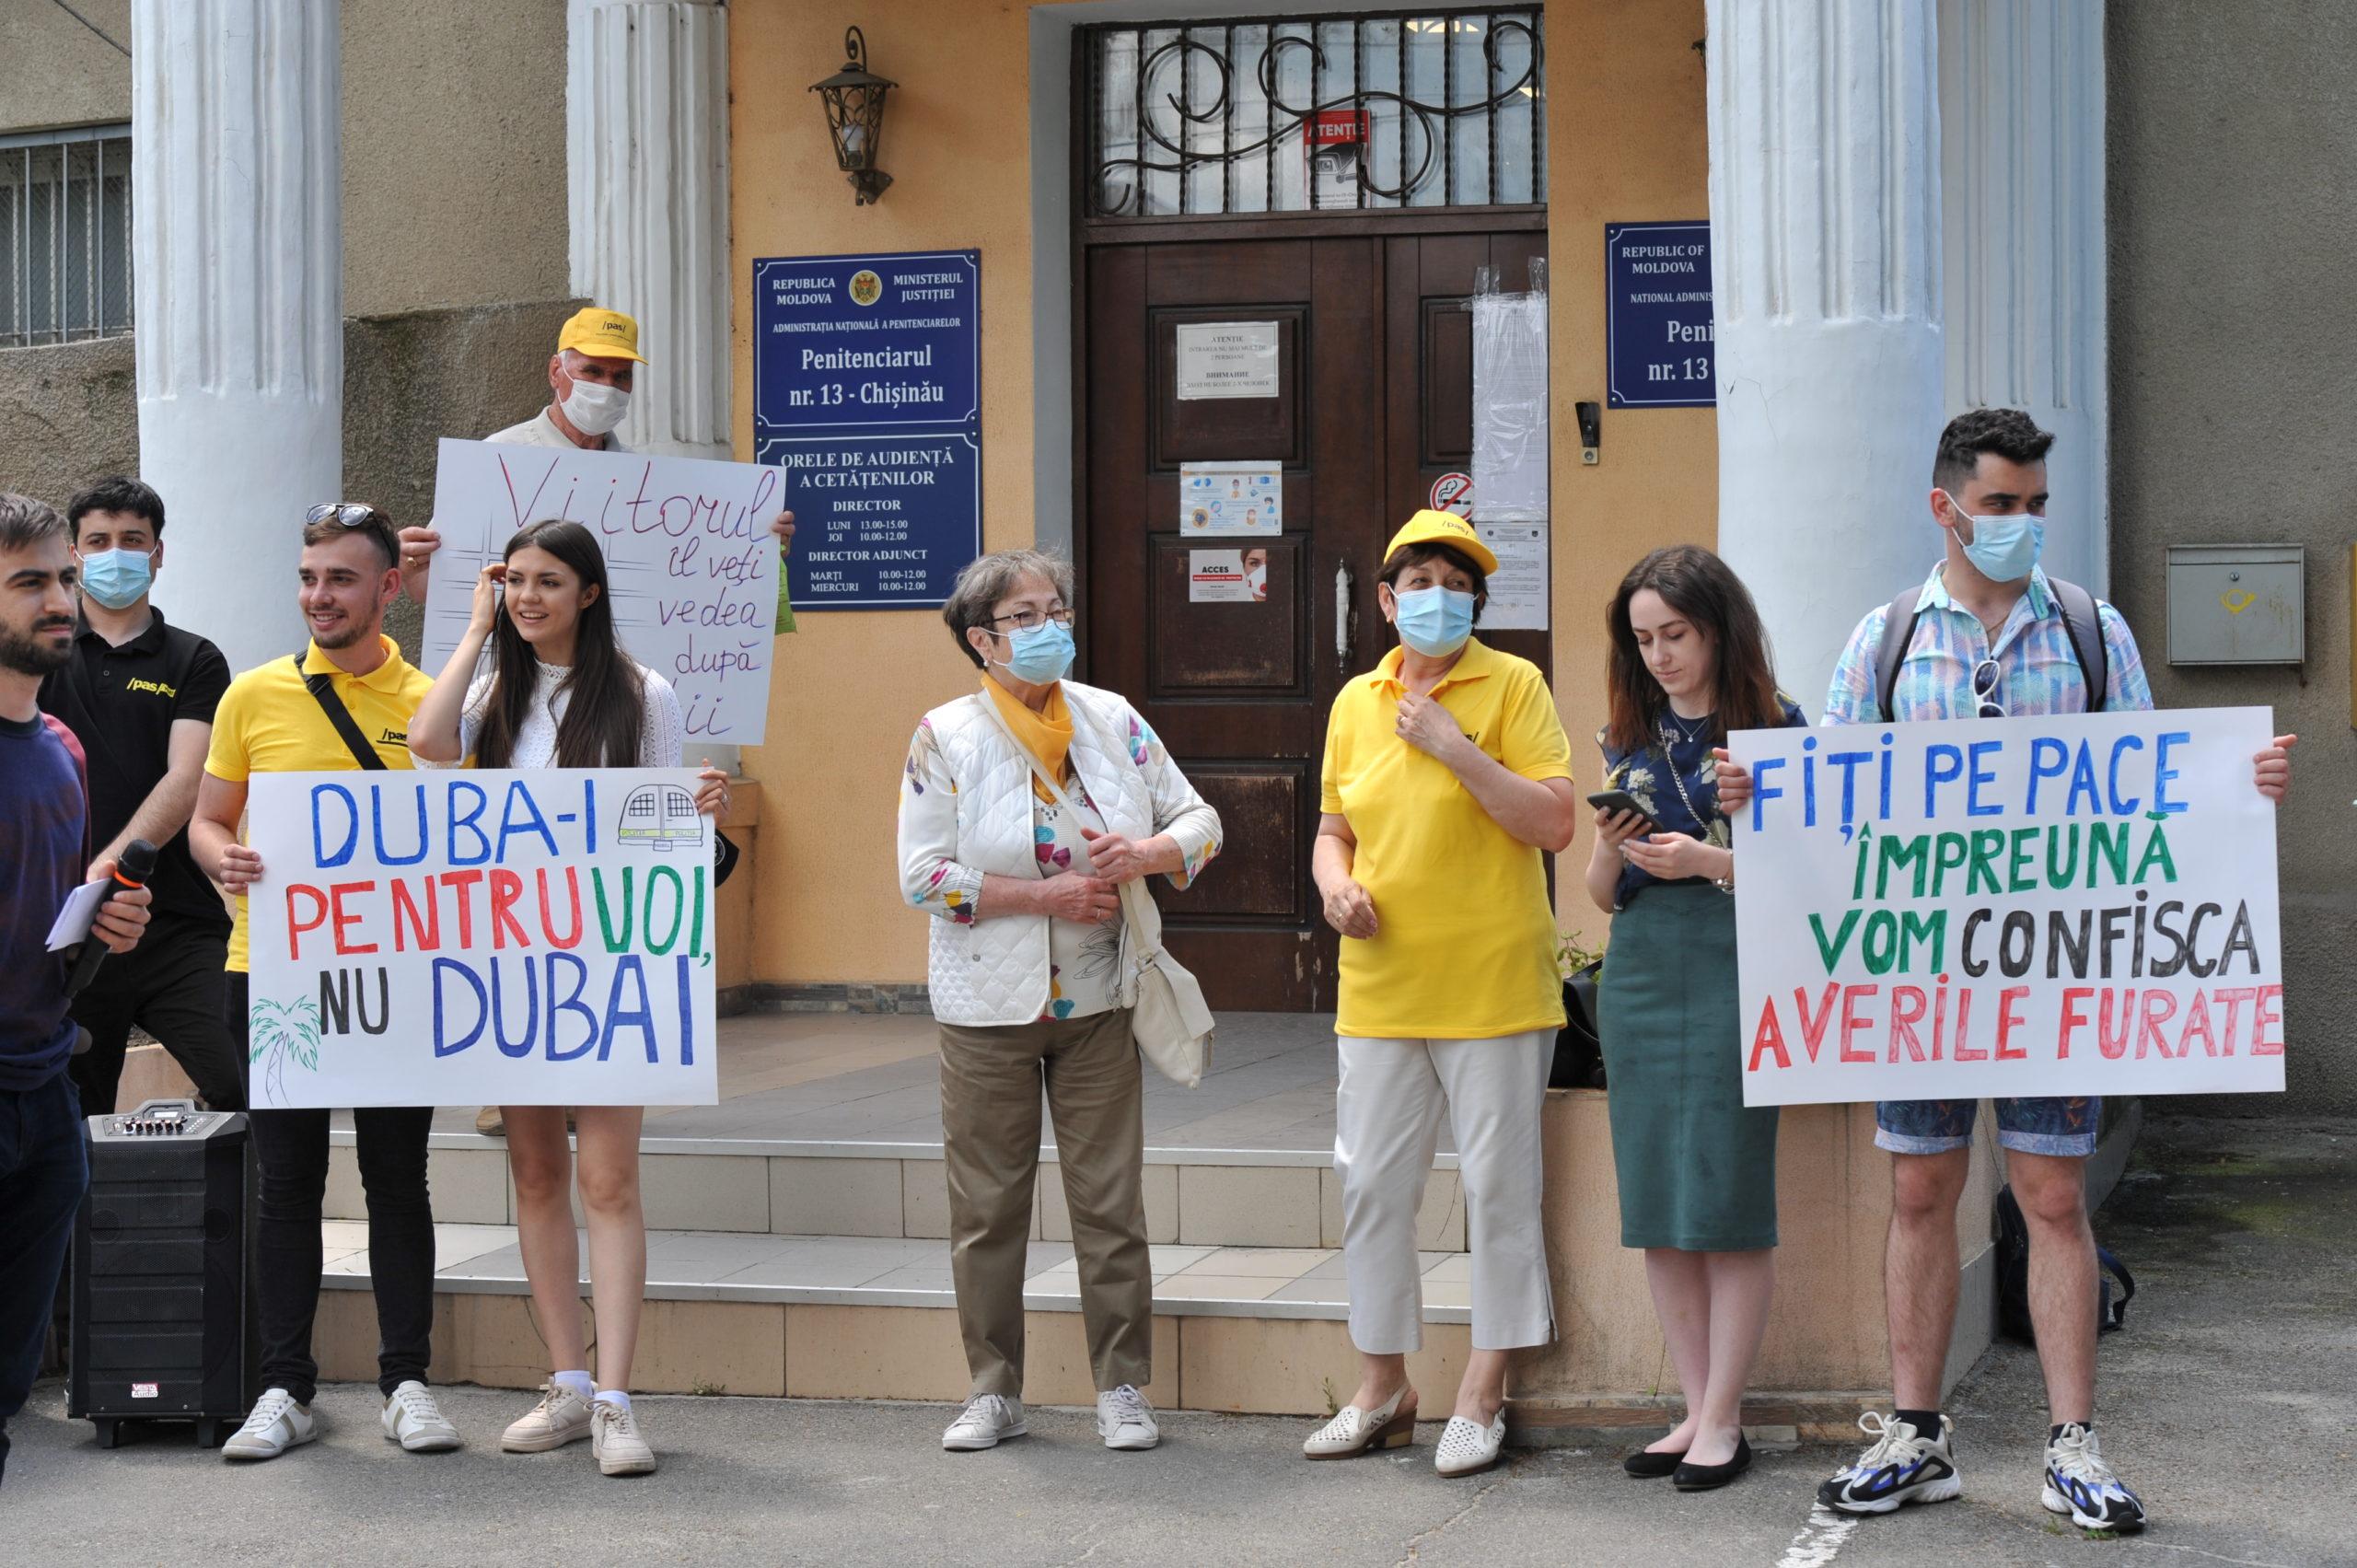 """""""Duba-i pentru voi, nu Dubai"""". PAS Youth a organizat un flashmob în fața Penitenciarului nr.13 (FOTOREPORTAJ)"""